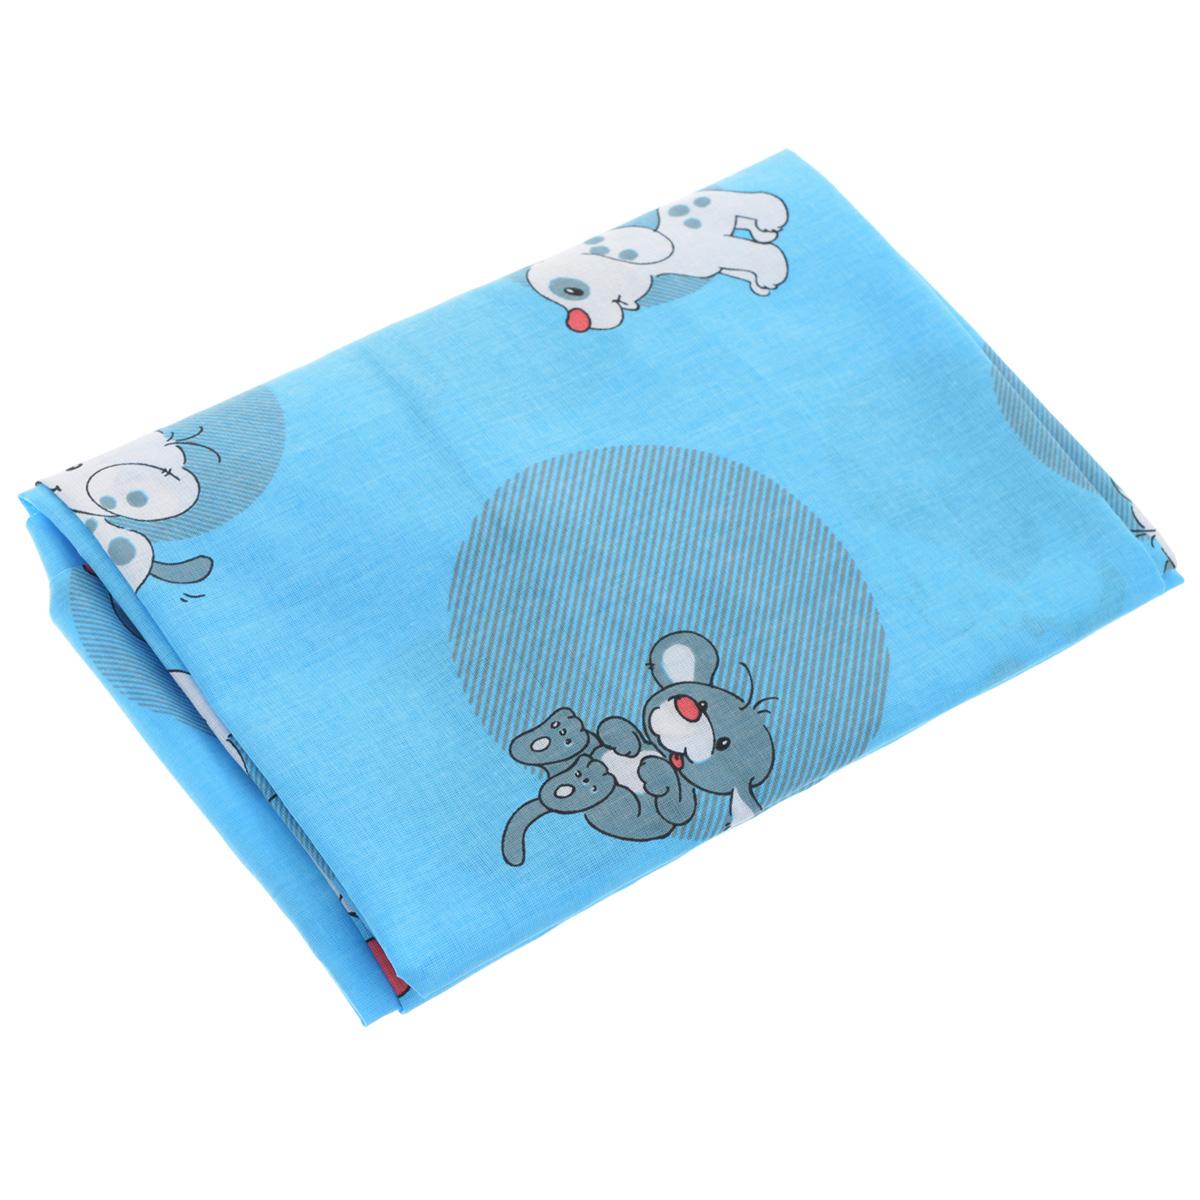 Простыня на резинке Фея Наши друзья, цвет: голубой, 60 см х 120 см0001050-1Мягкая простыня на резинке Фея Наши друзья идеально подойдет для кроватки вашего малыша и обеспечит ему здоровый сон. Она изготовлена из натурального 100% хлопка, дарящего малышу непревзойденную мягкость. Простыня с помощью специальной резинки растягивается на матрасе. Она не сомнется и не скомкается, как бы не вертелся ребенок. Подарите вашему малышу комфорт и удобство!